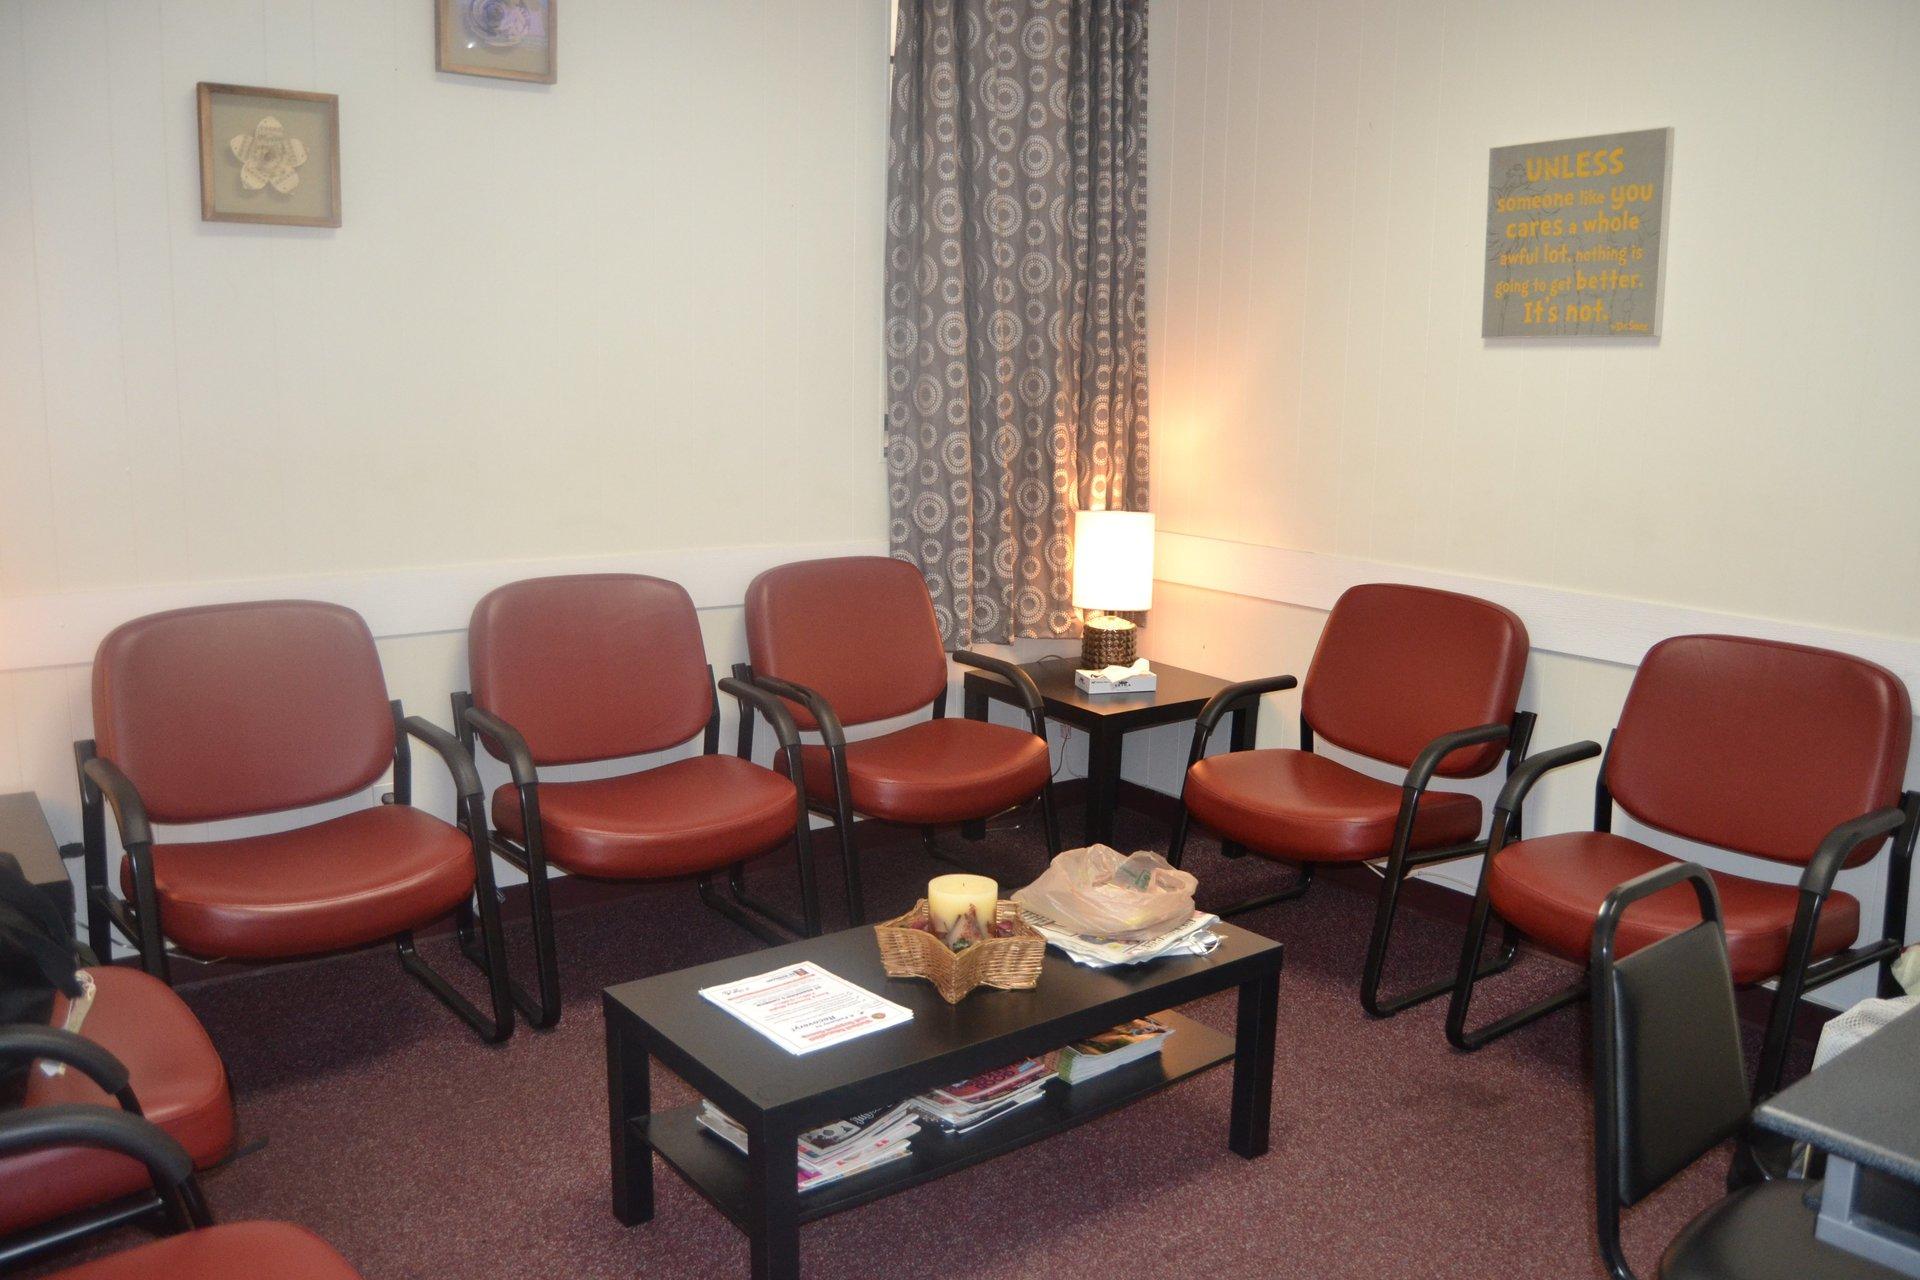 group meeting room in Seafield drug & alcohol rehab facility - Mineola NY